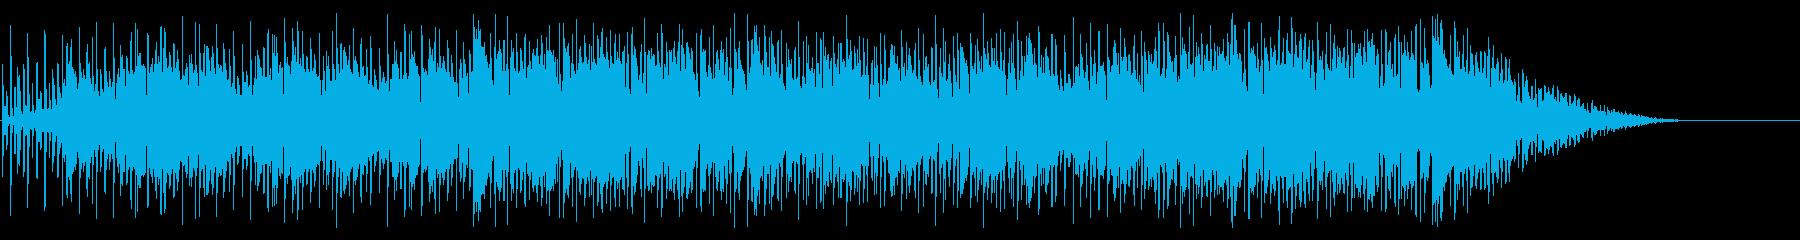 エンディング風チル&ジャズなヒップホップの再生済みの波形